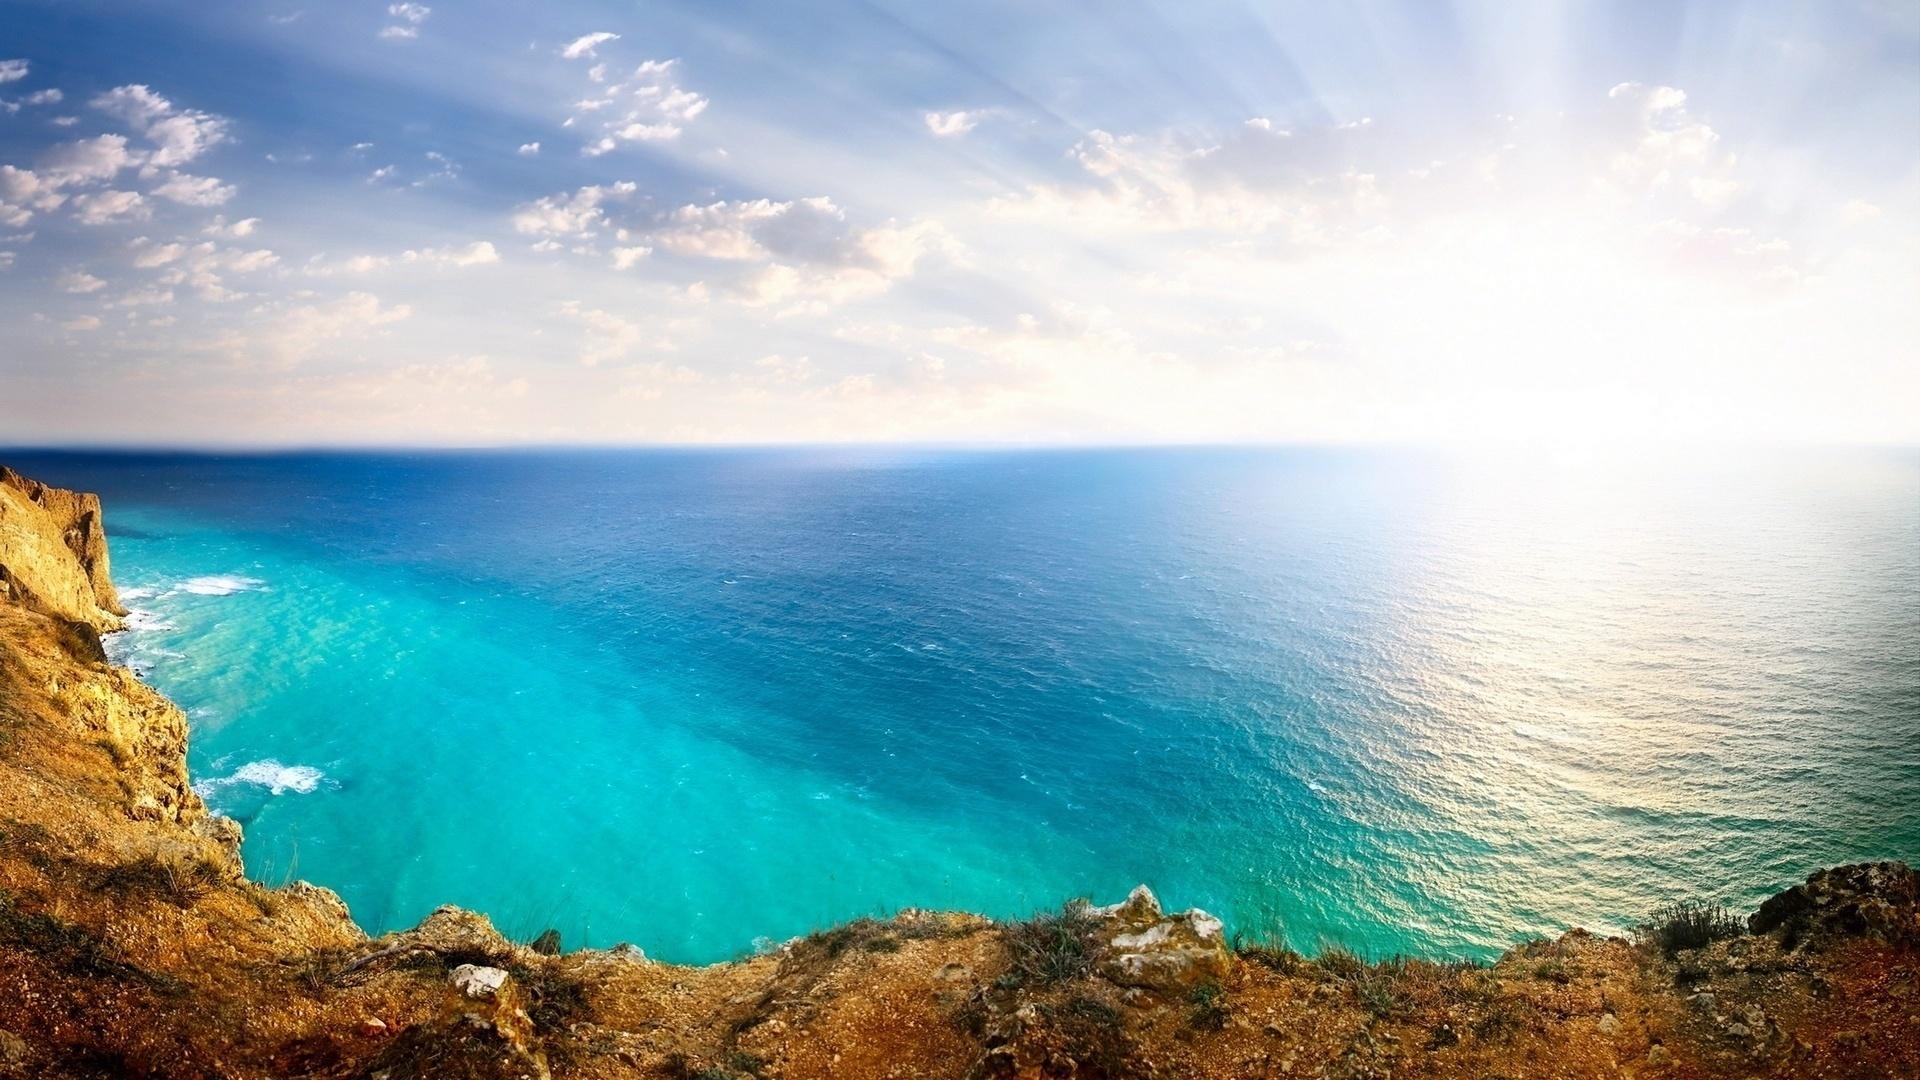 Картинки моря широкоформатные